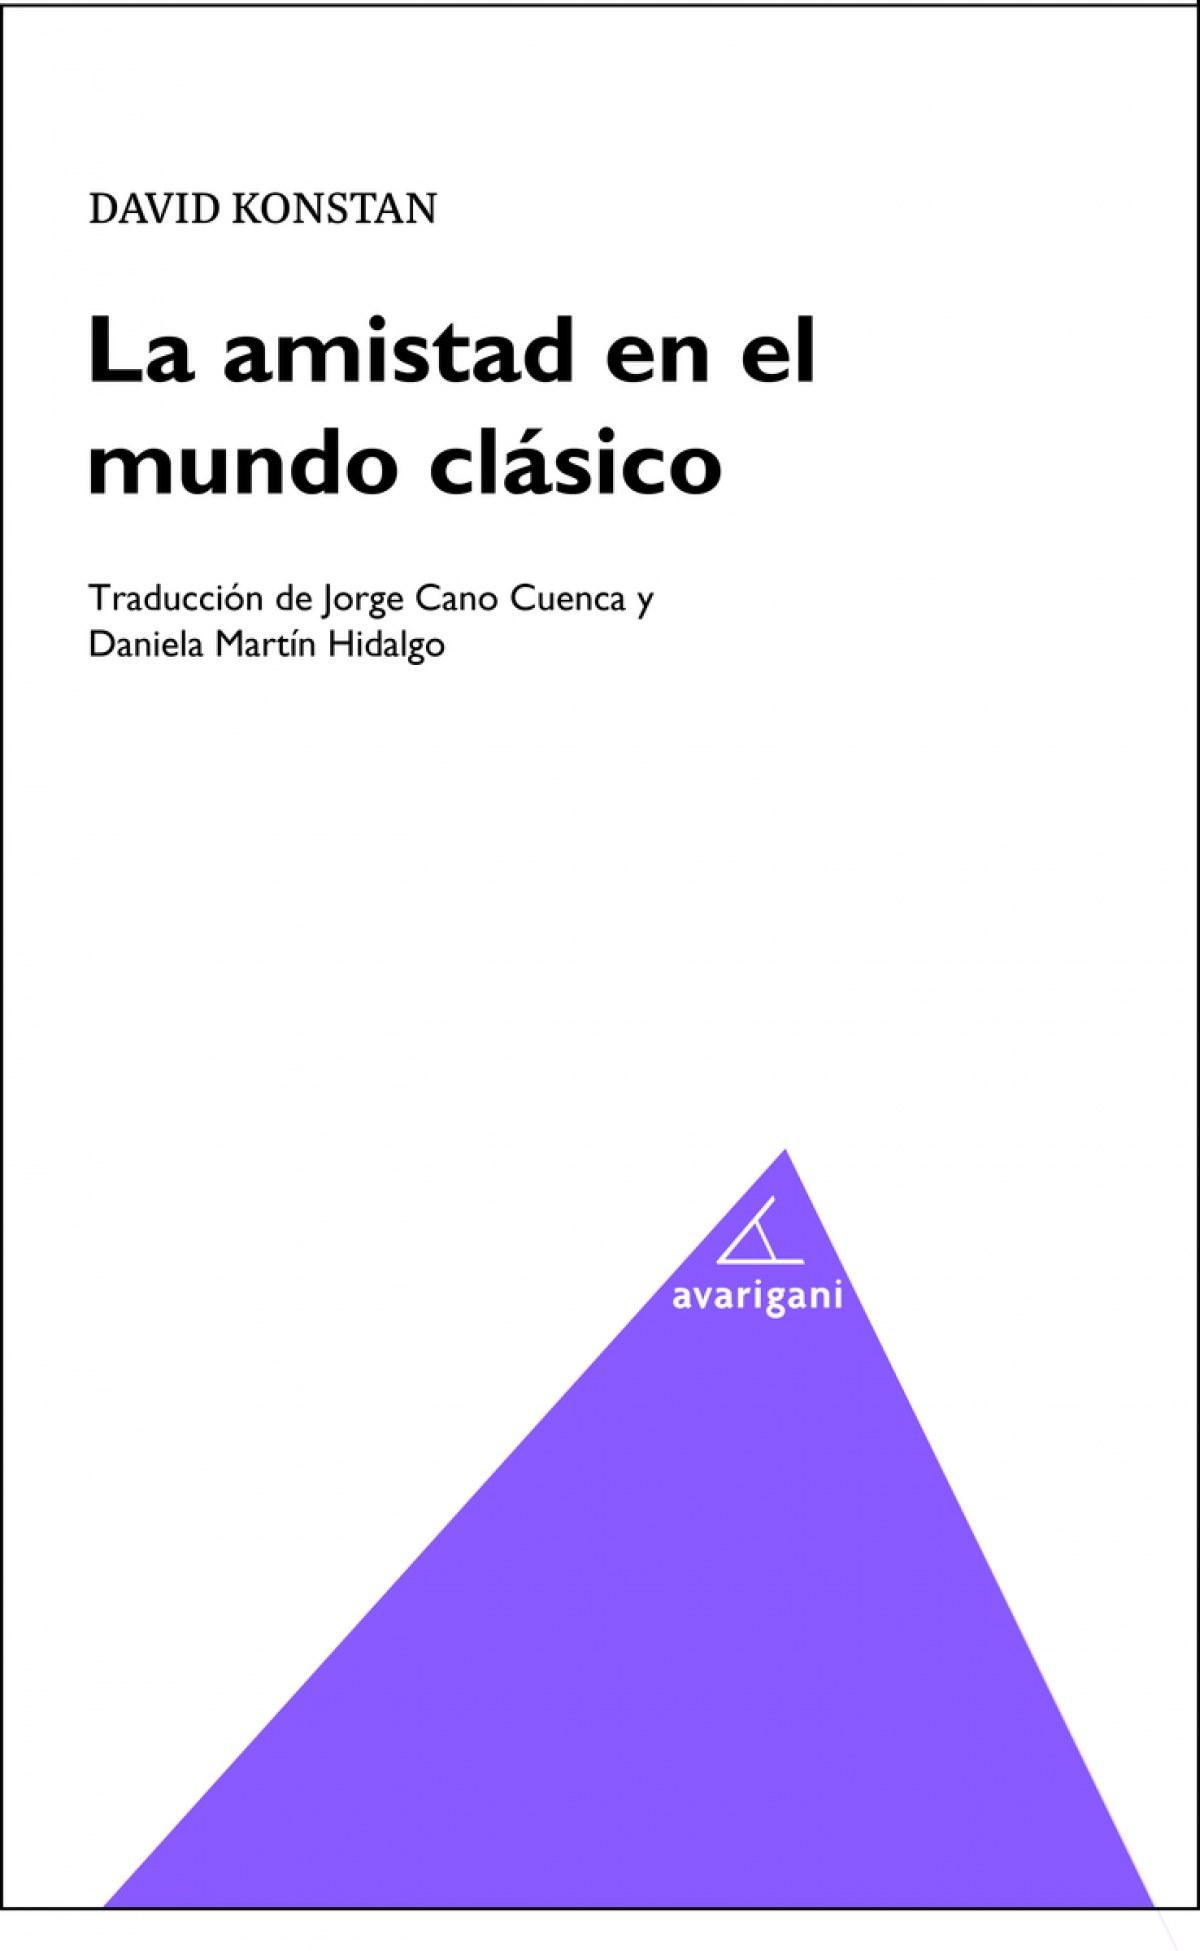 LA AMISTAD EN EL MUNDO CLÁSICO